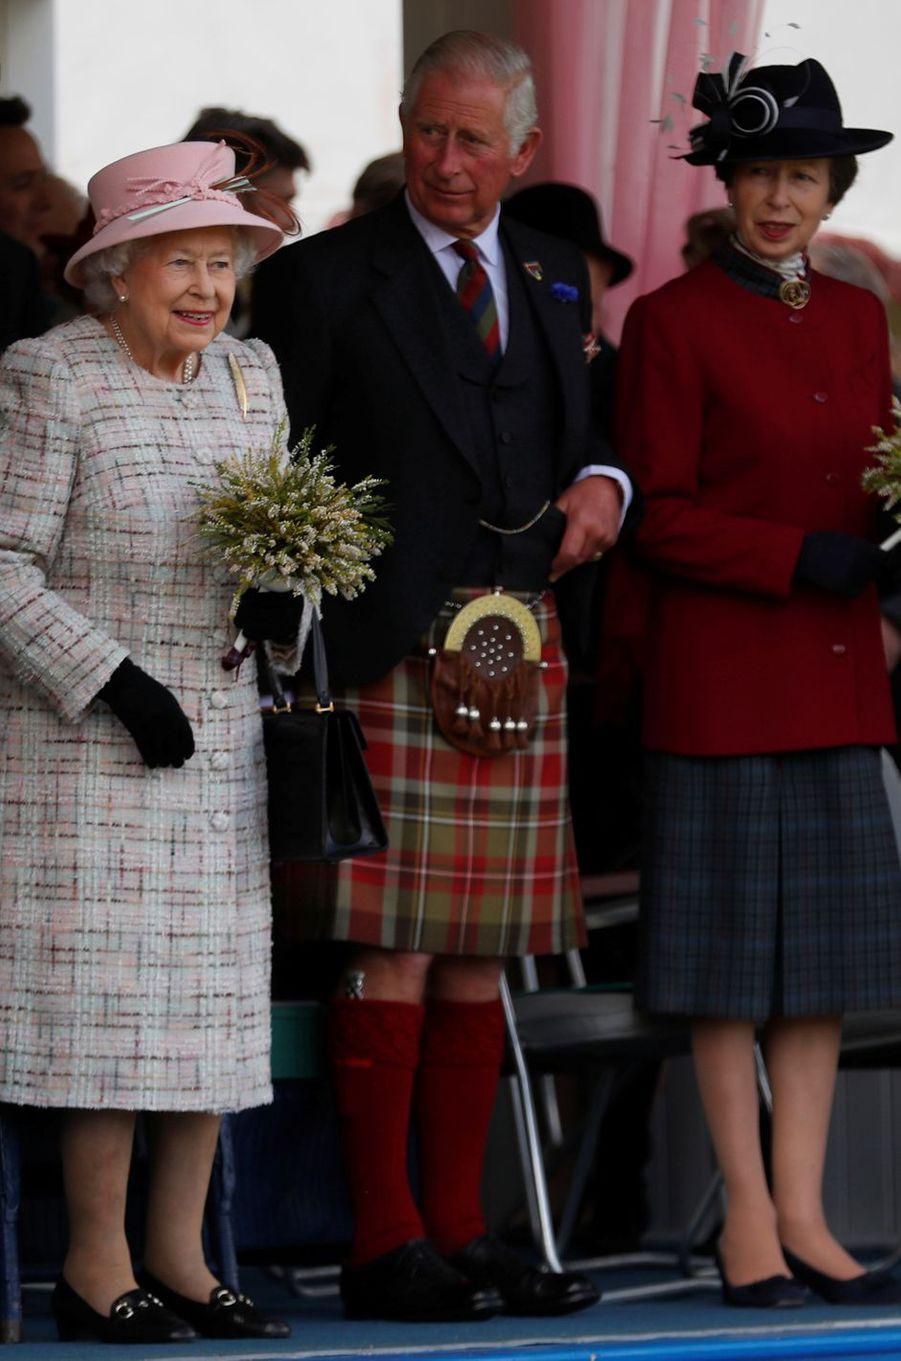 La reine Elizabeth II avec le prince Charles et la princesse Anne au Highlands Braemar Gathering, le 2 septembre 2017